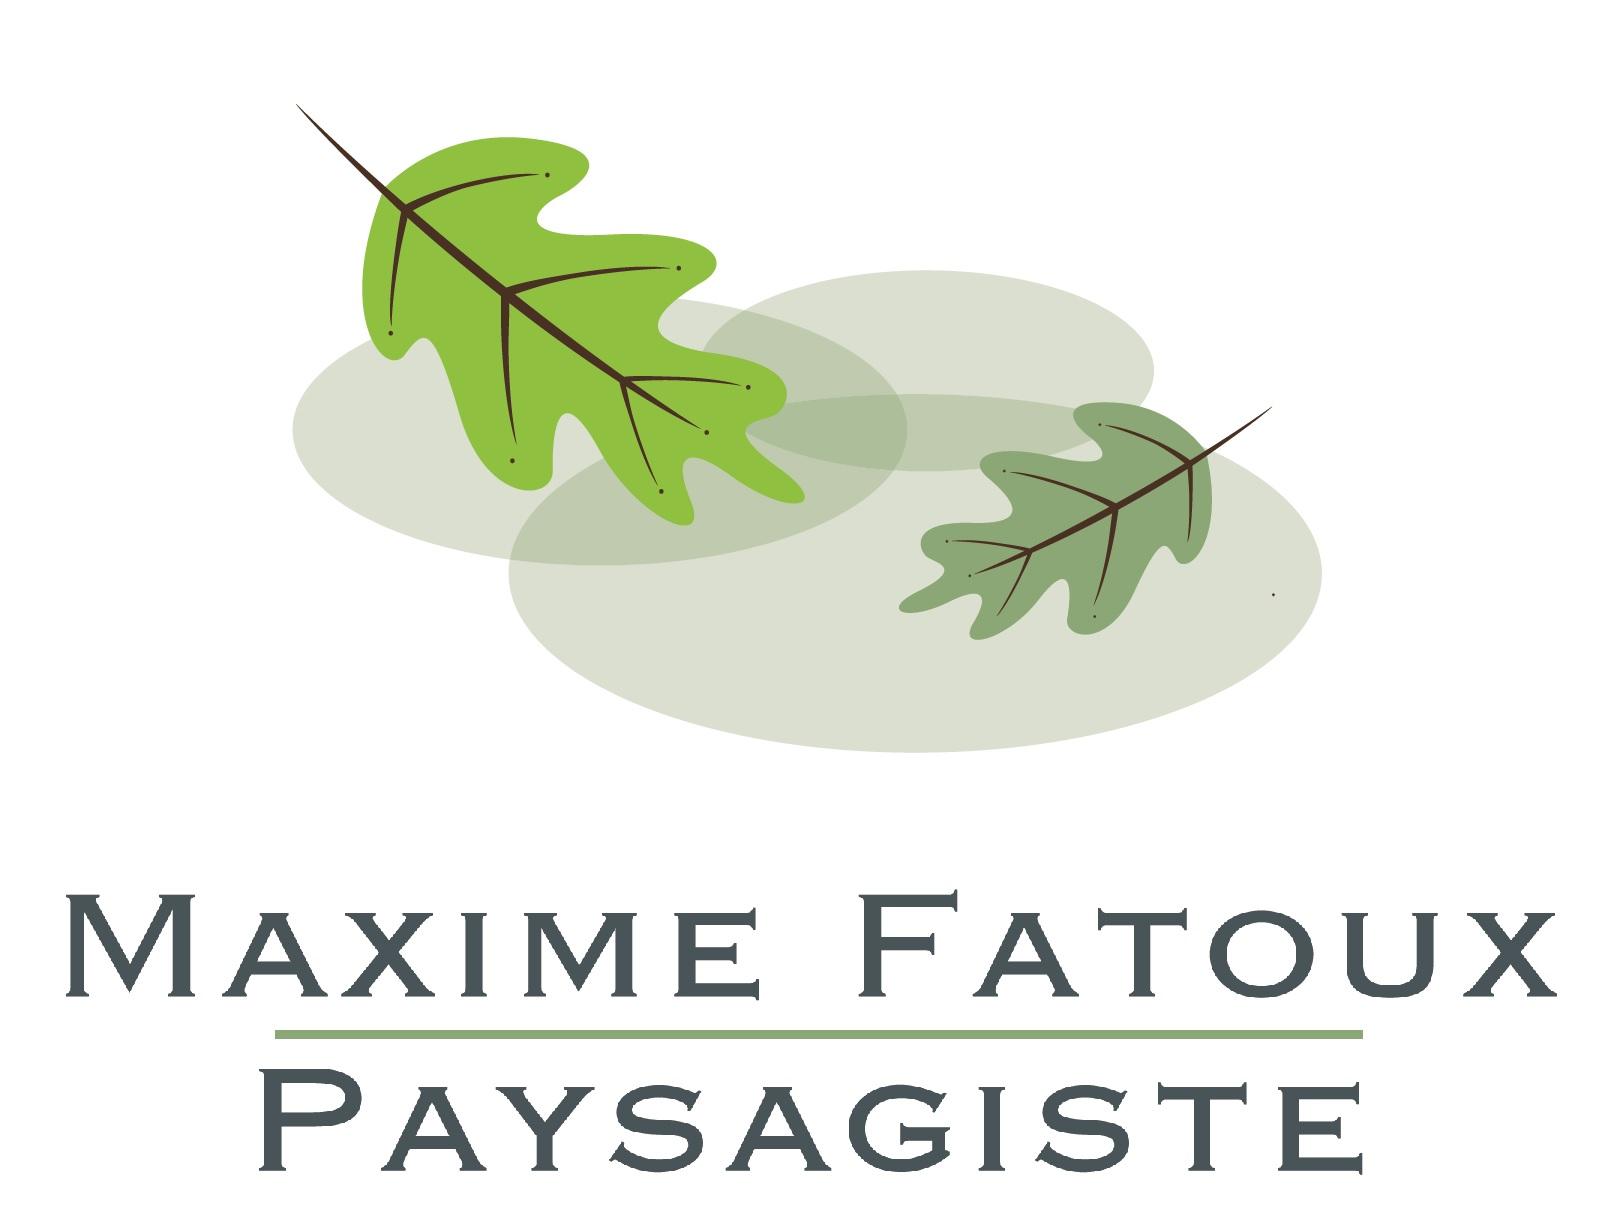 Maxime Fatoux Paysagiste